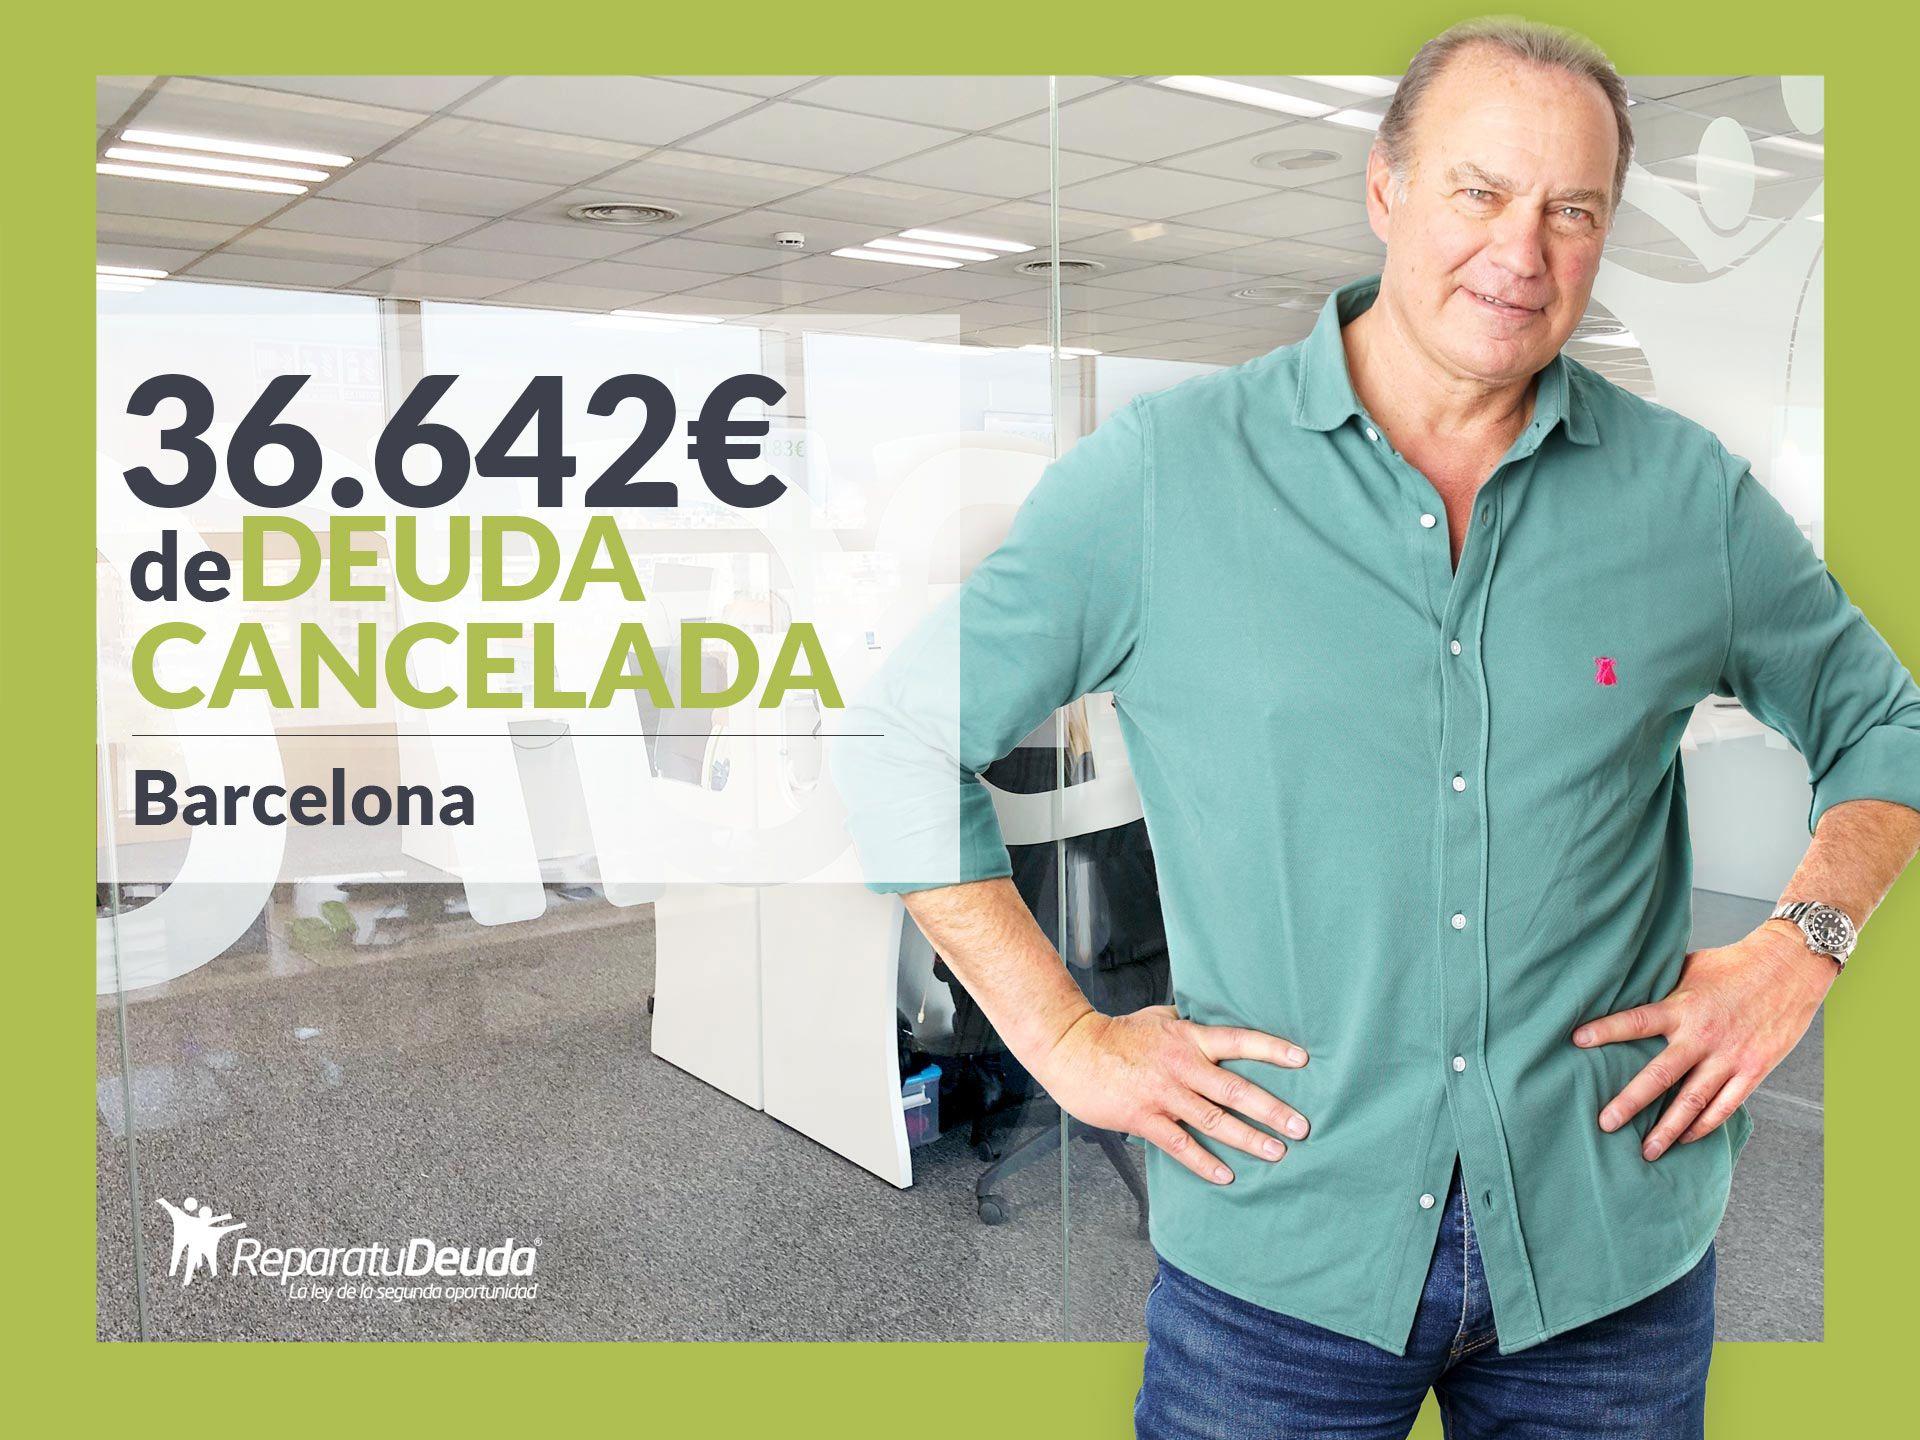 Repara tu Deuda cancela 36.642? en Barcelona con la Ley de la Segunda Oportunidad